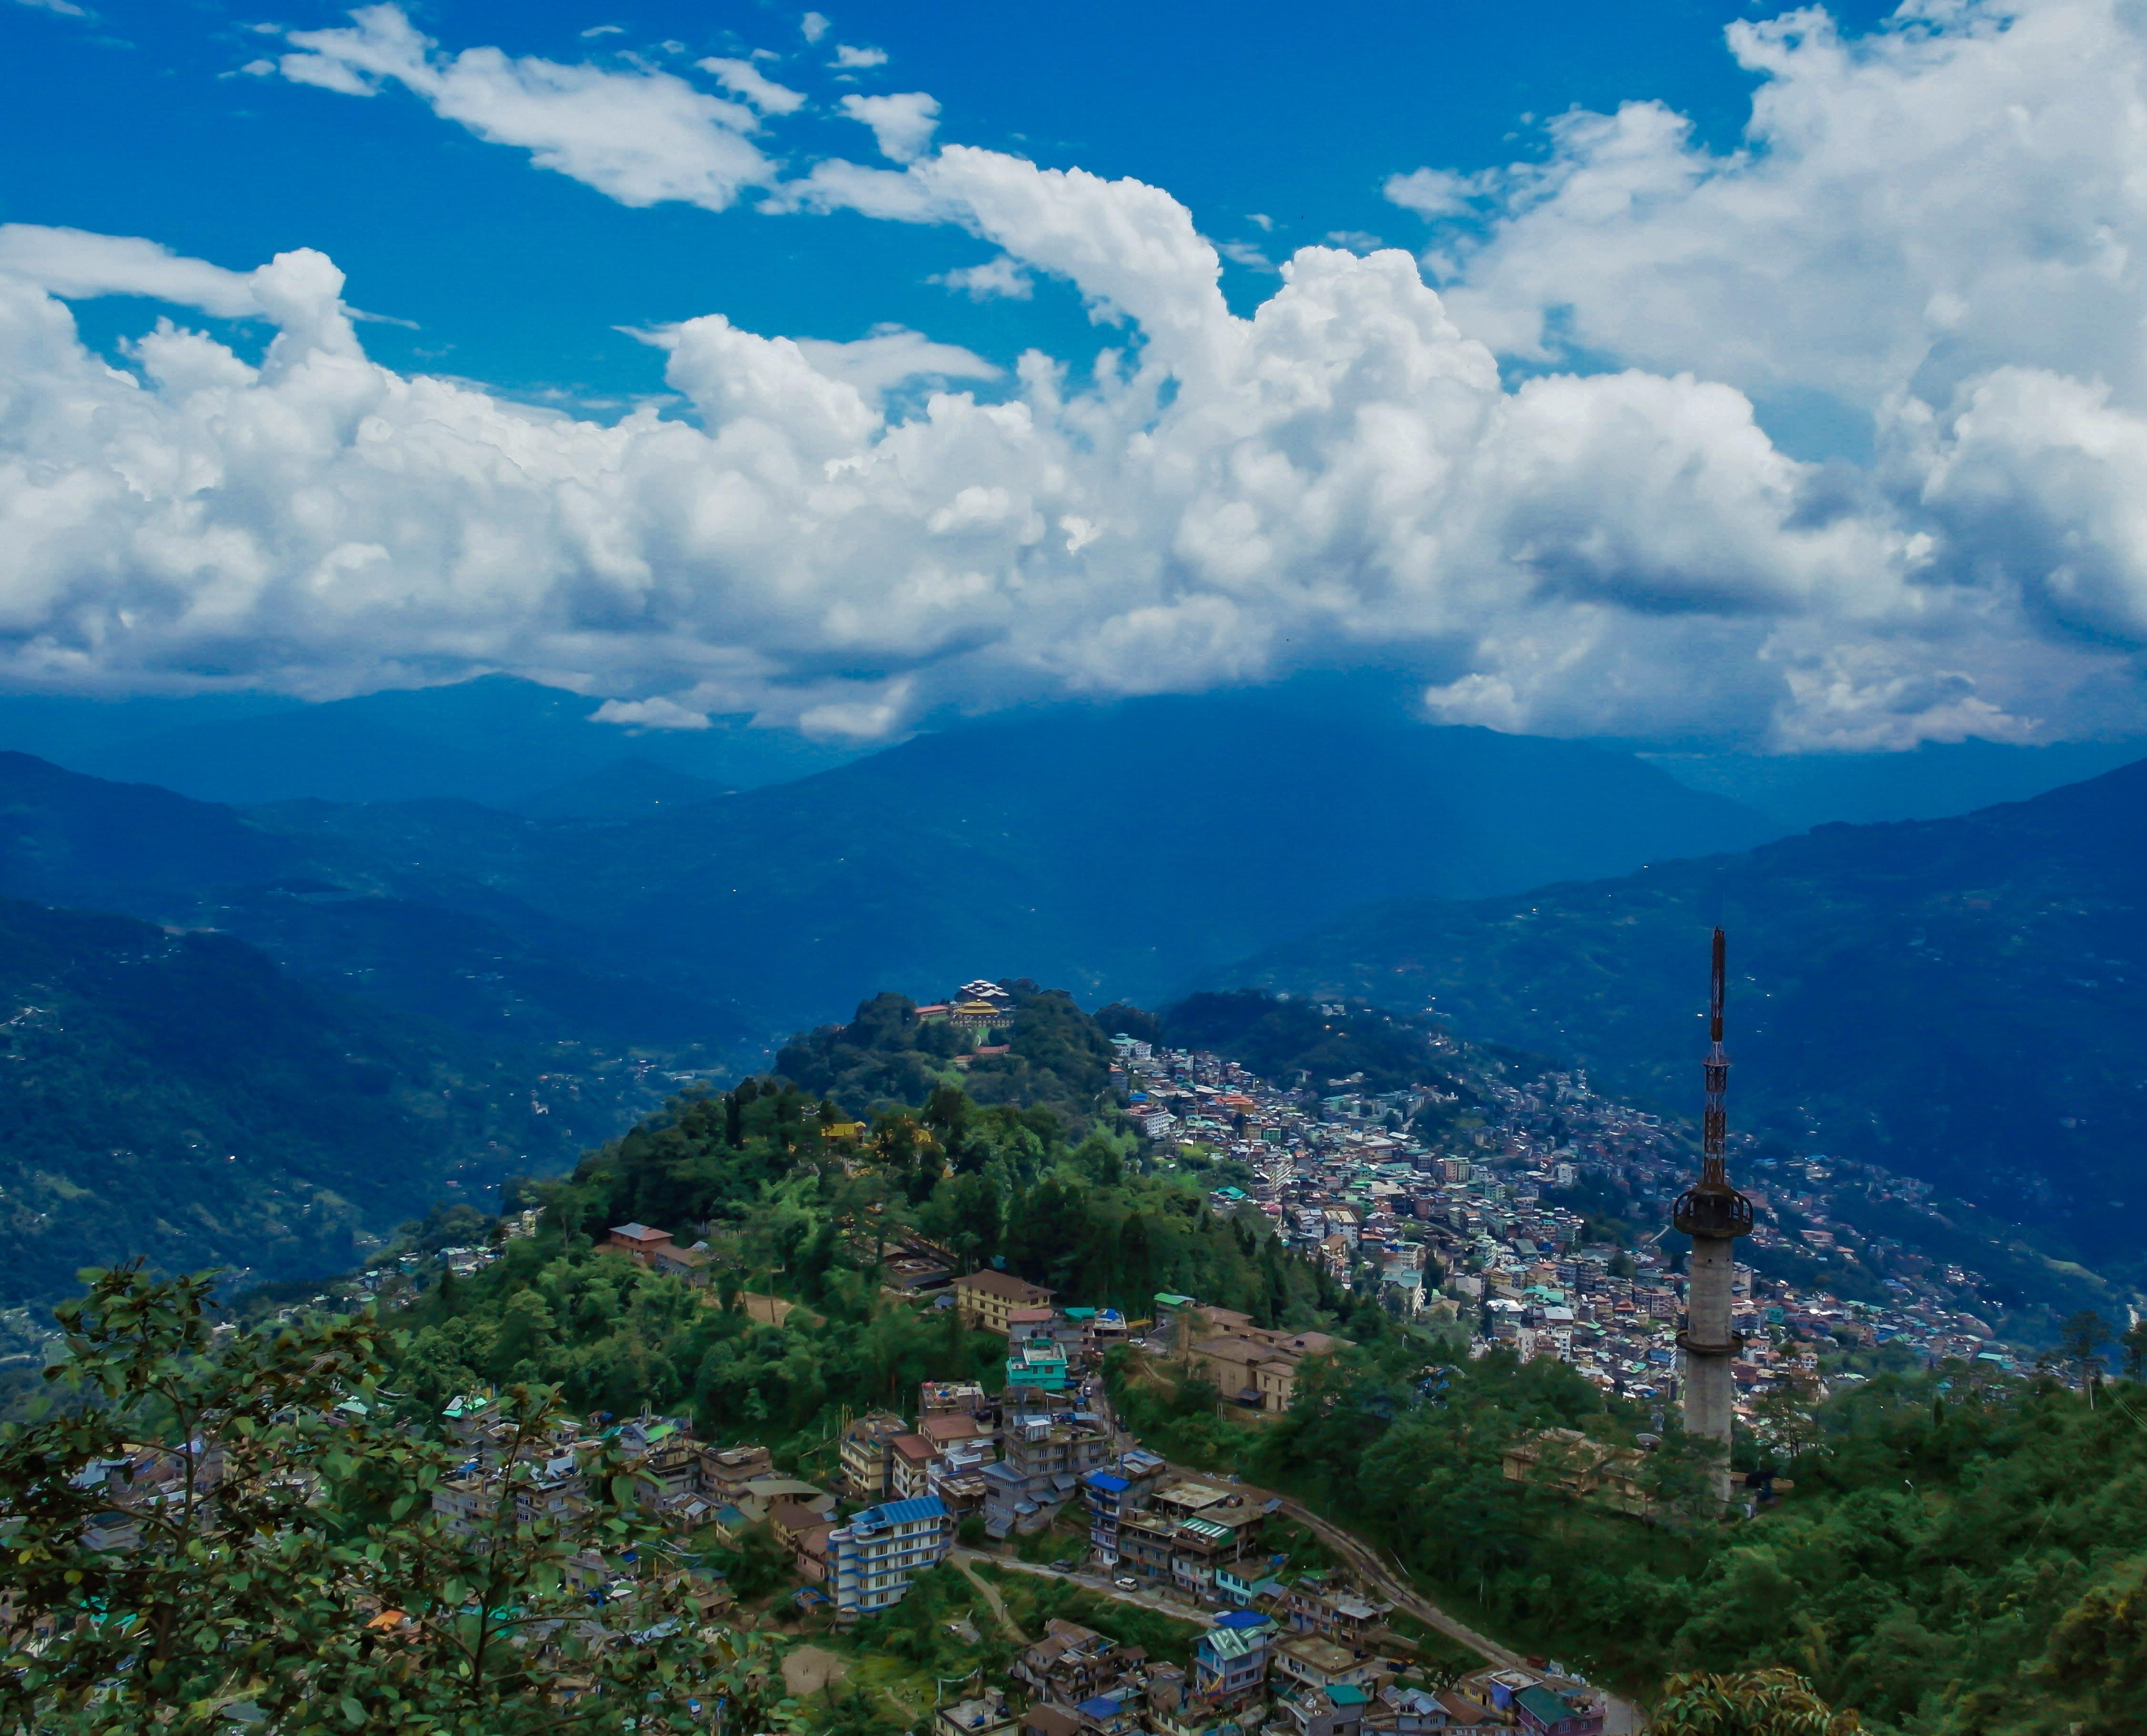 Image by Sumat Singh